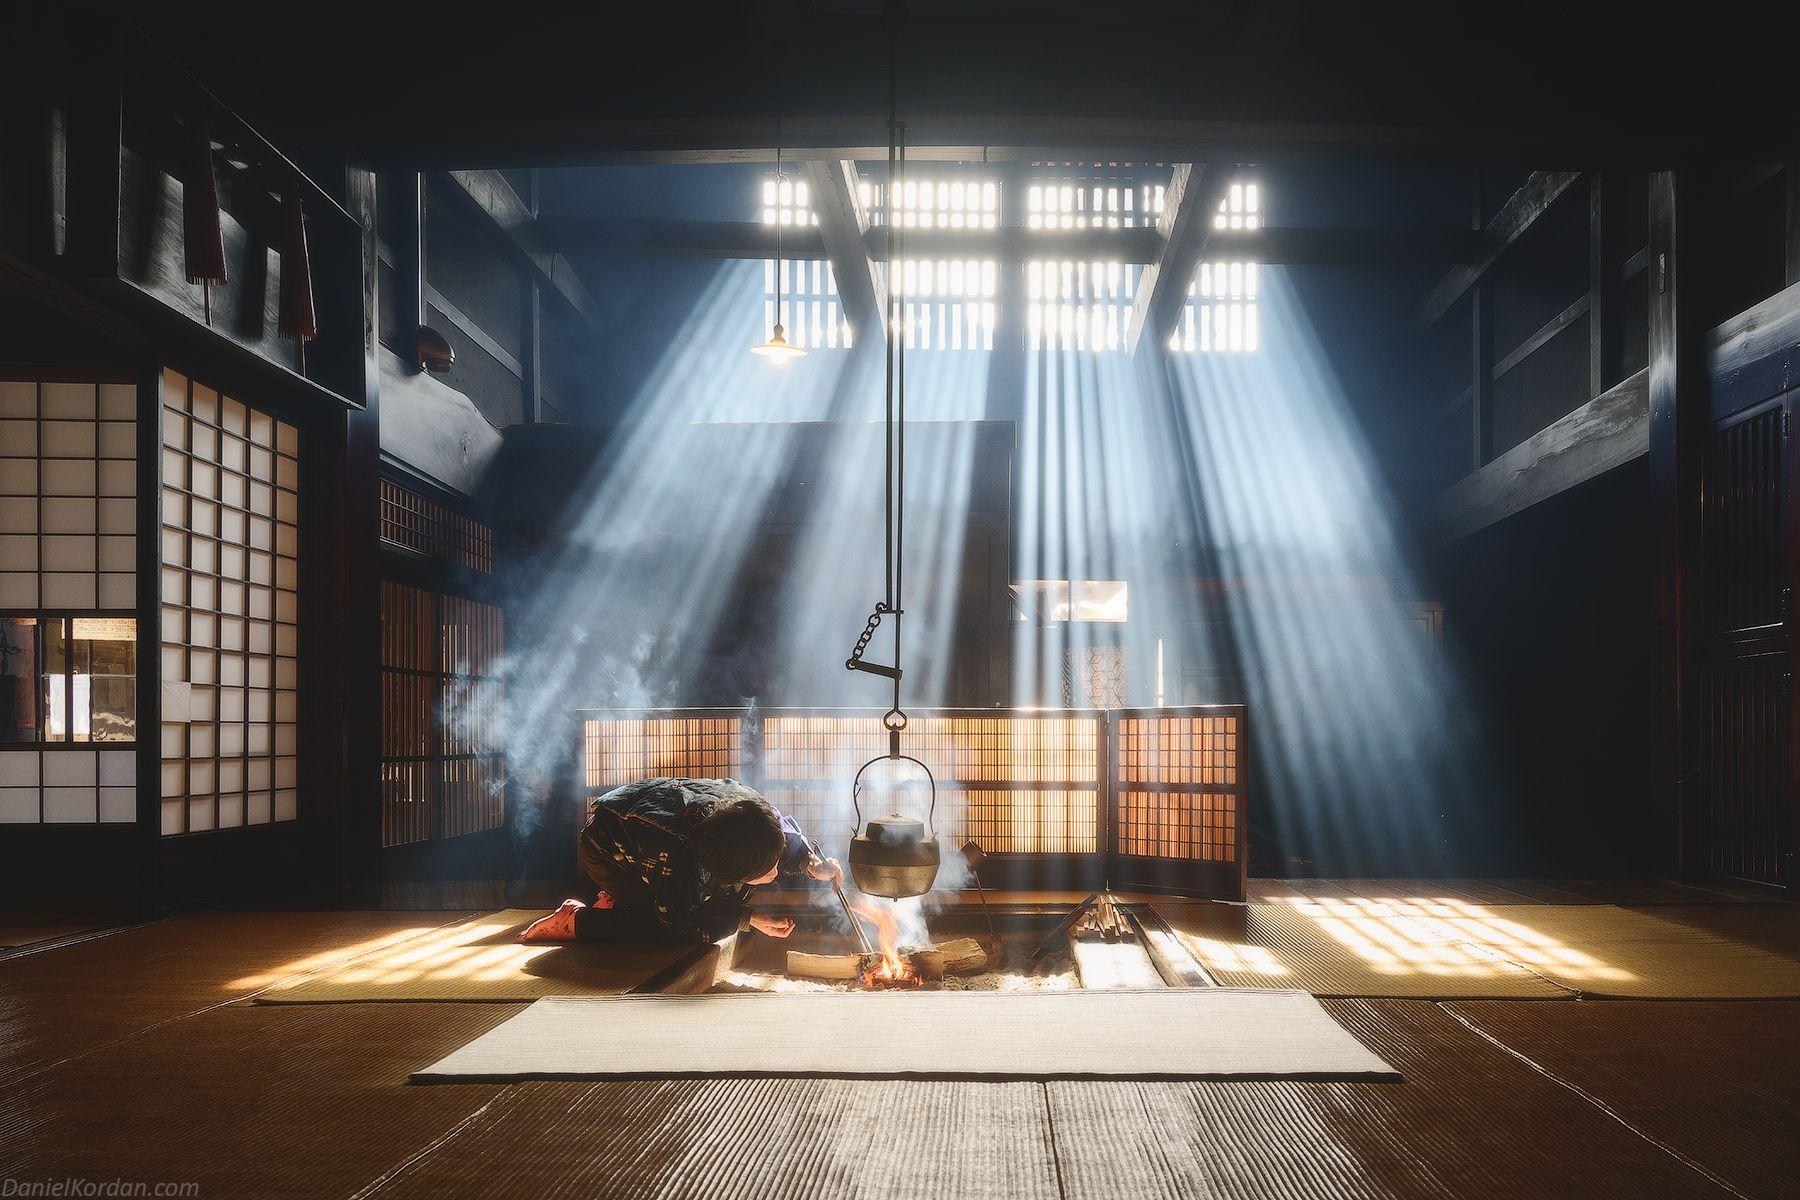 En quête de lumière : la lumière naturelle photographiée au Nikon Z 7 et Nikkor 24-70mm f/4S